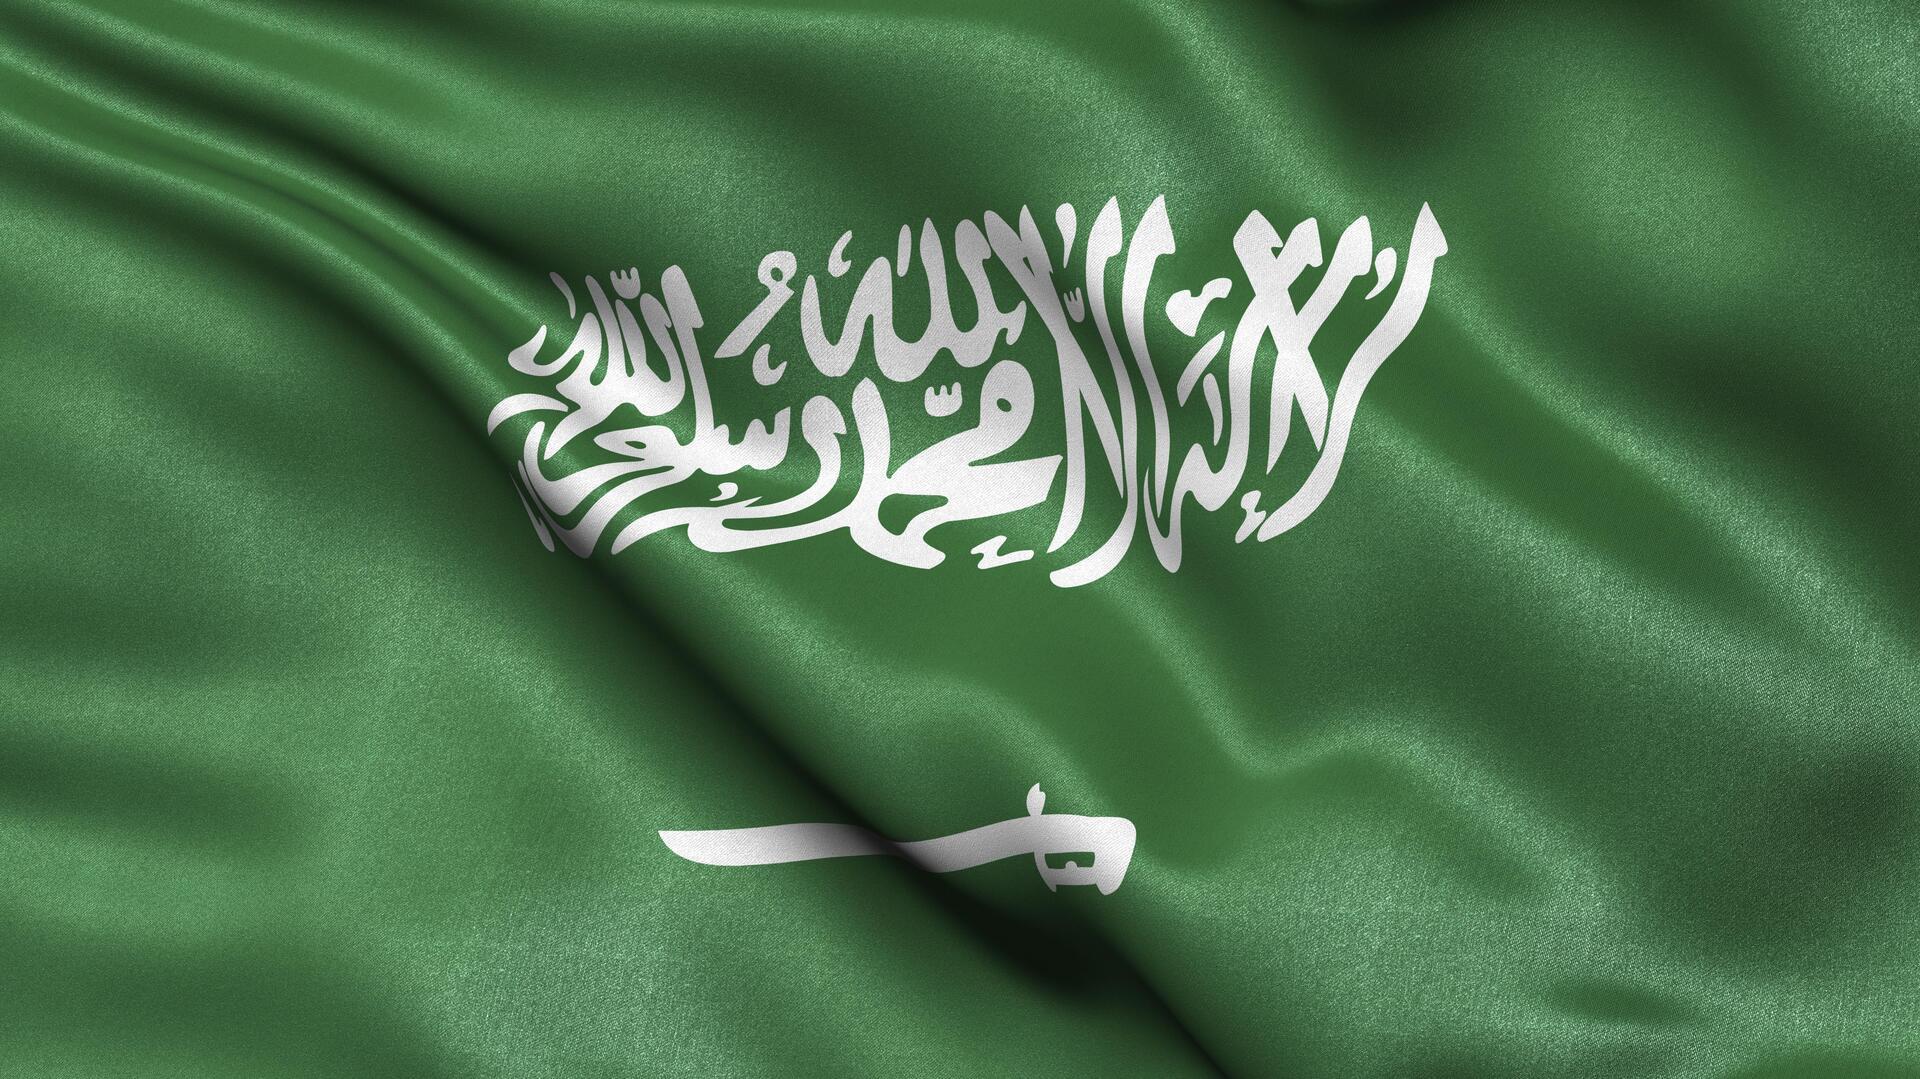 السعودية.. صورة عمرها 69 عاما لأول عرض عسكري برعاية الملك المؤسس وحضور الملك سلمان